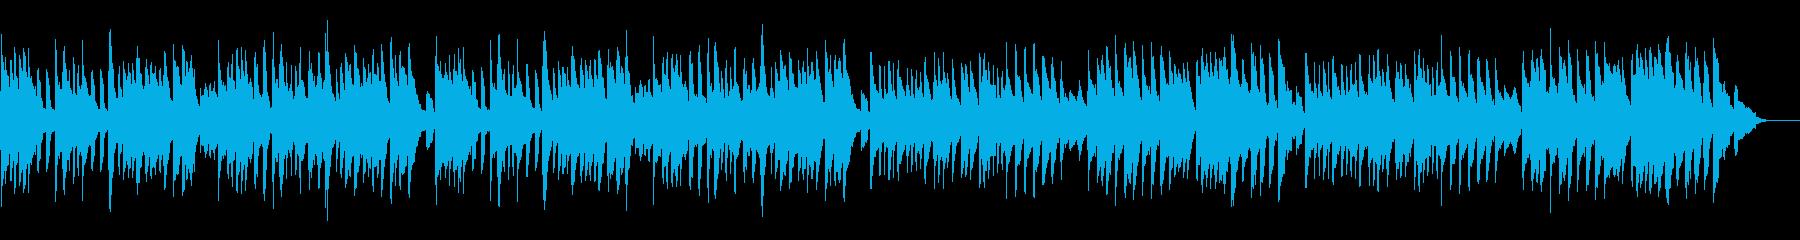 バッハのメヌエットを原曲チェンバロでの再生済みの波形